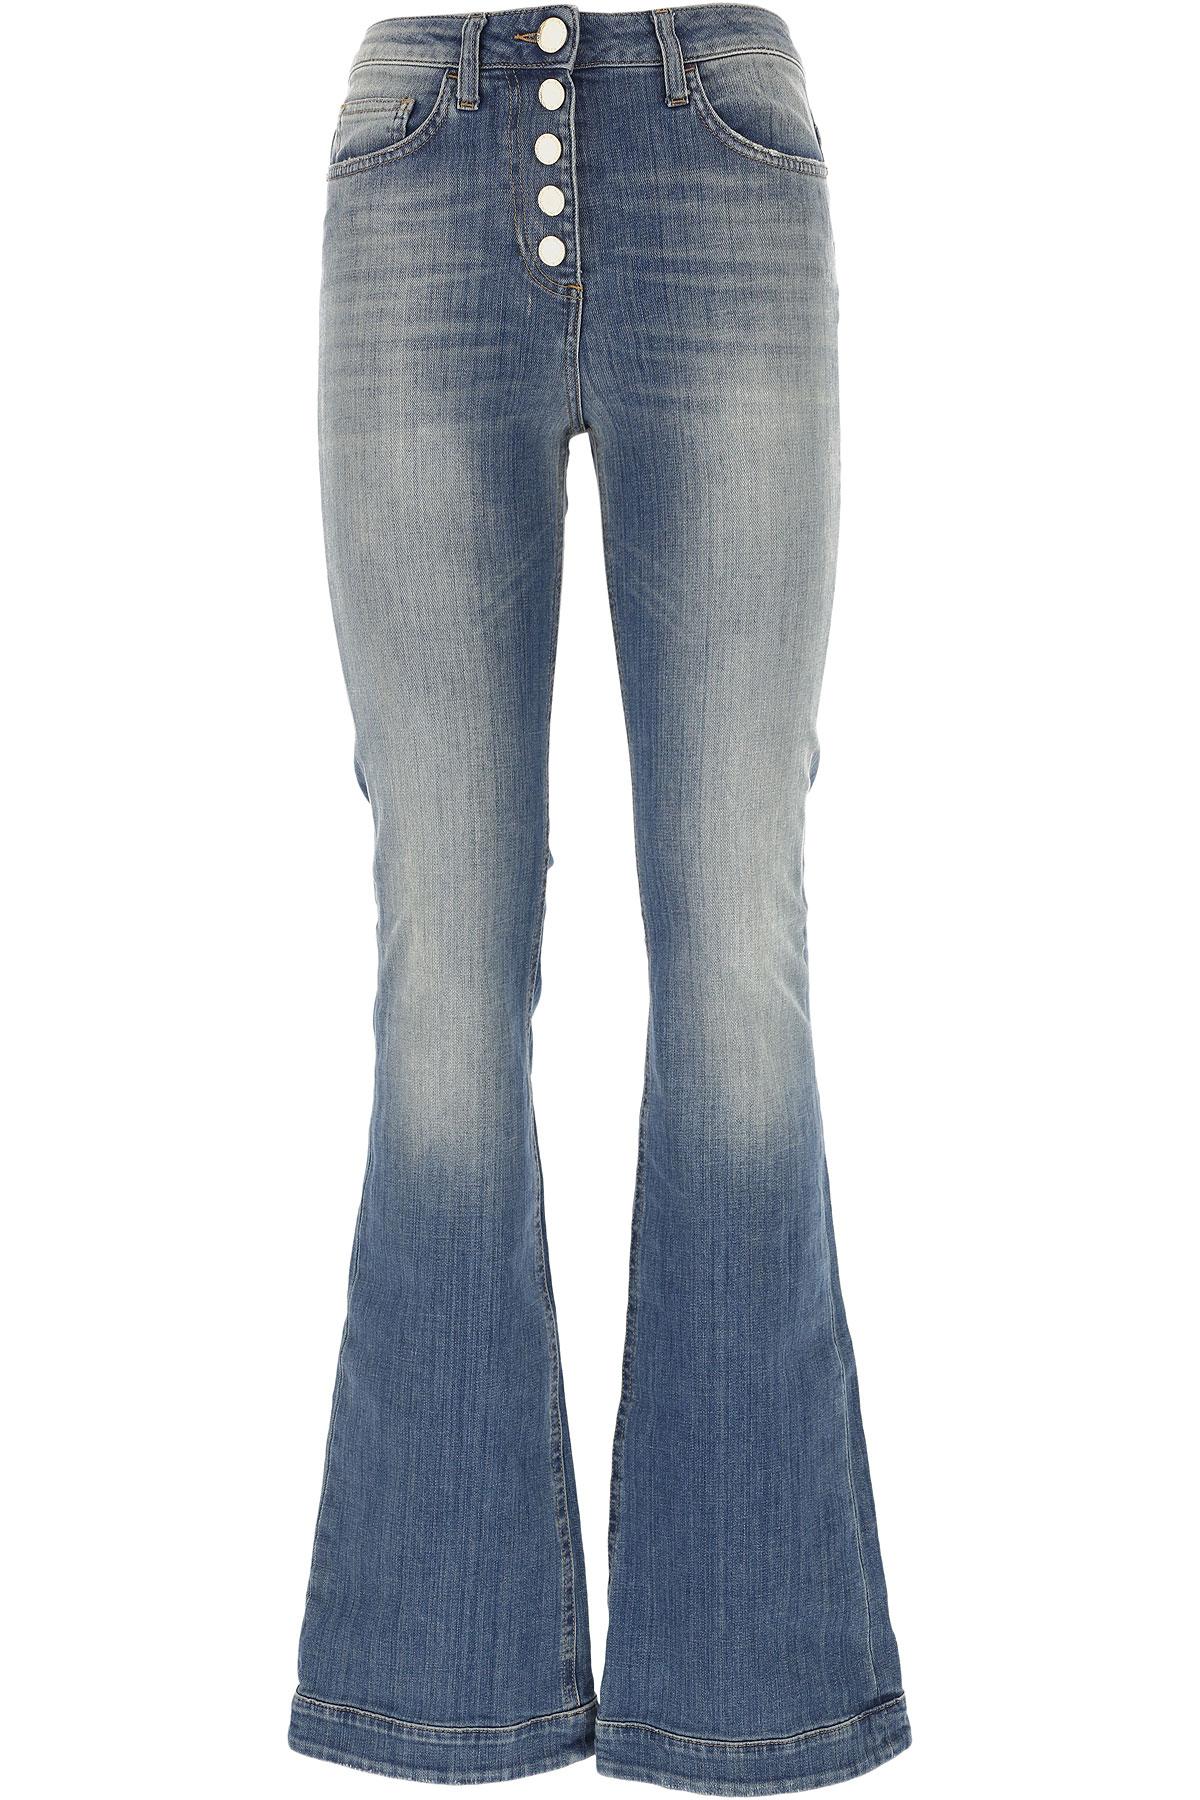 Elisabetta Franchi Jeans On Sale, Denim, Cotton, 2017, 27 28